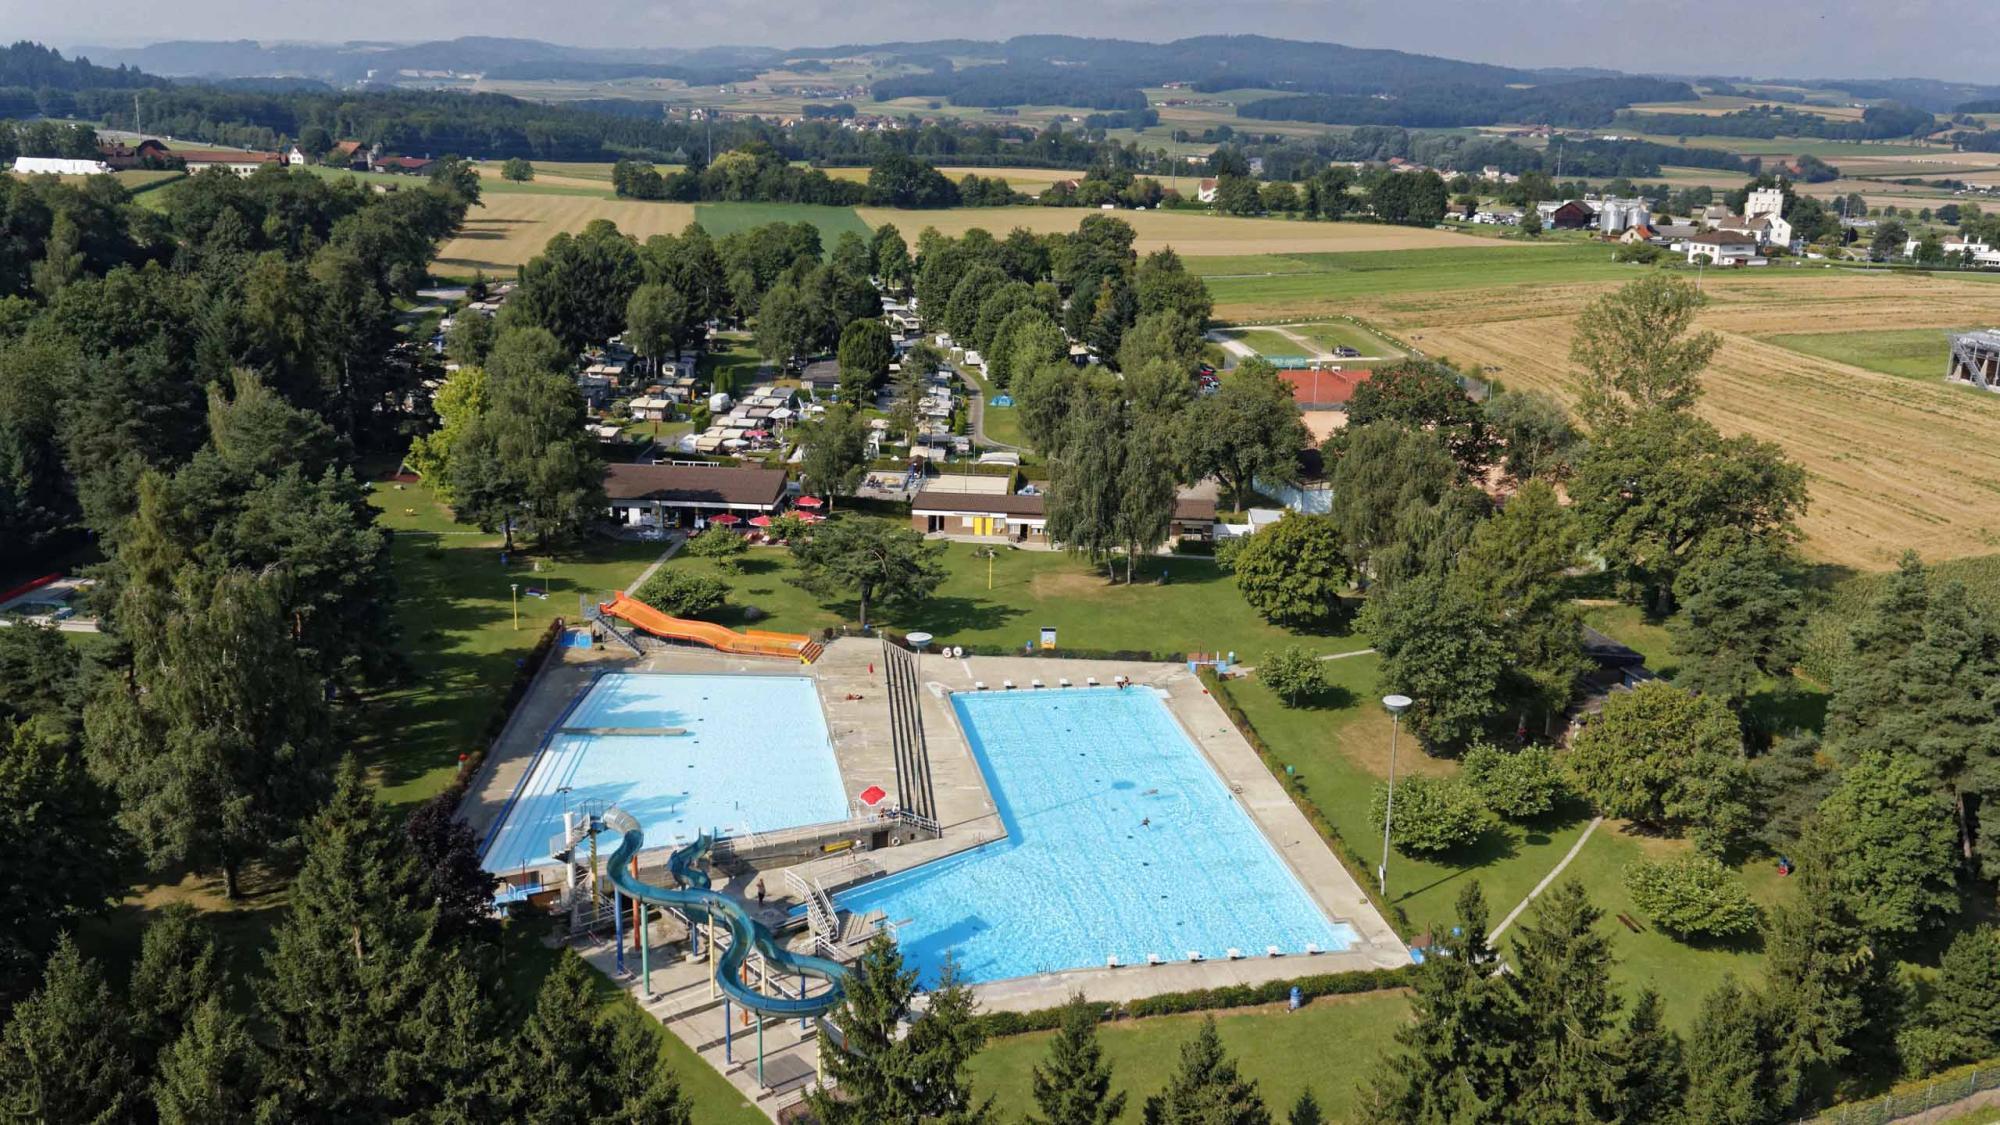 Camping piscine payerne for Camping de la piscine aigle